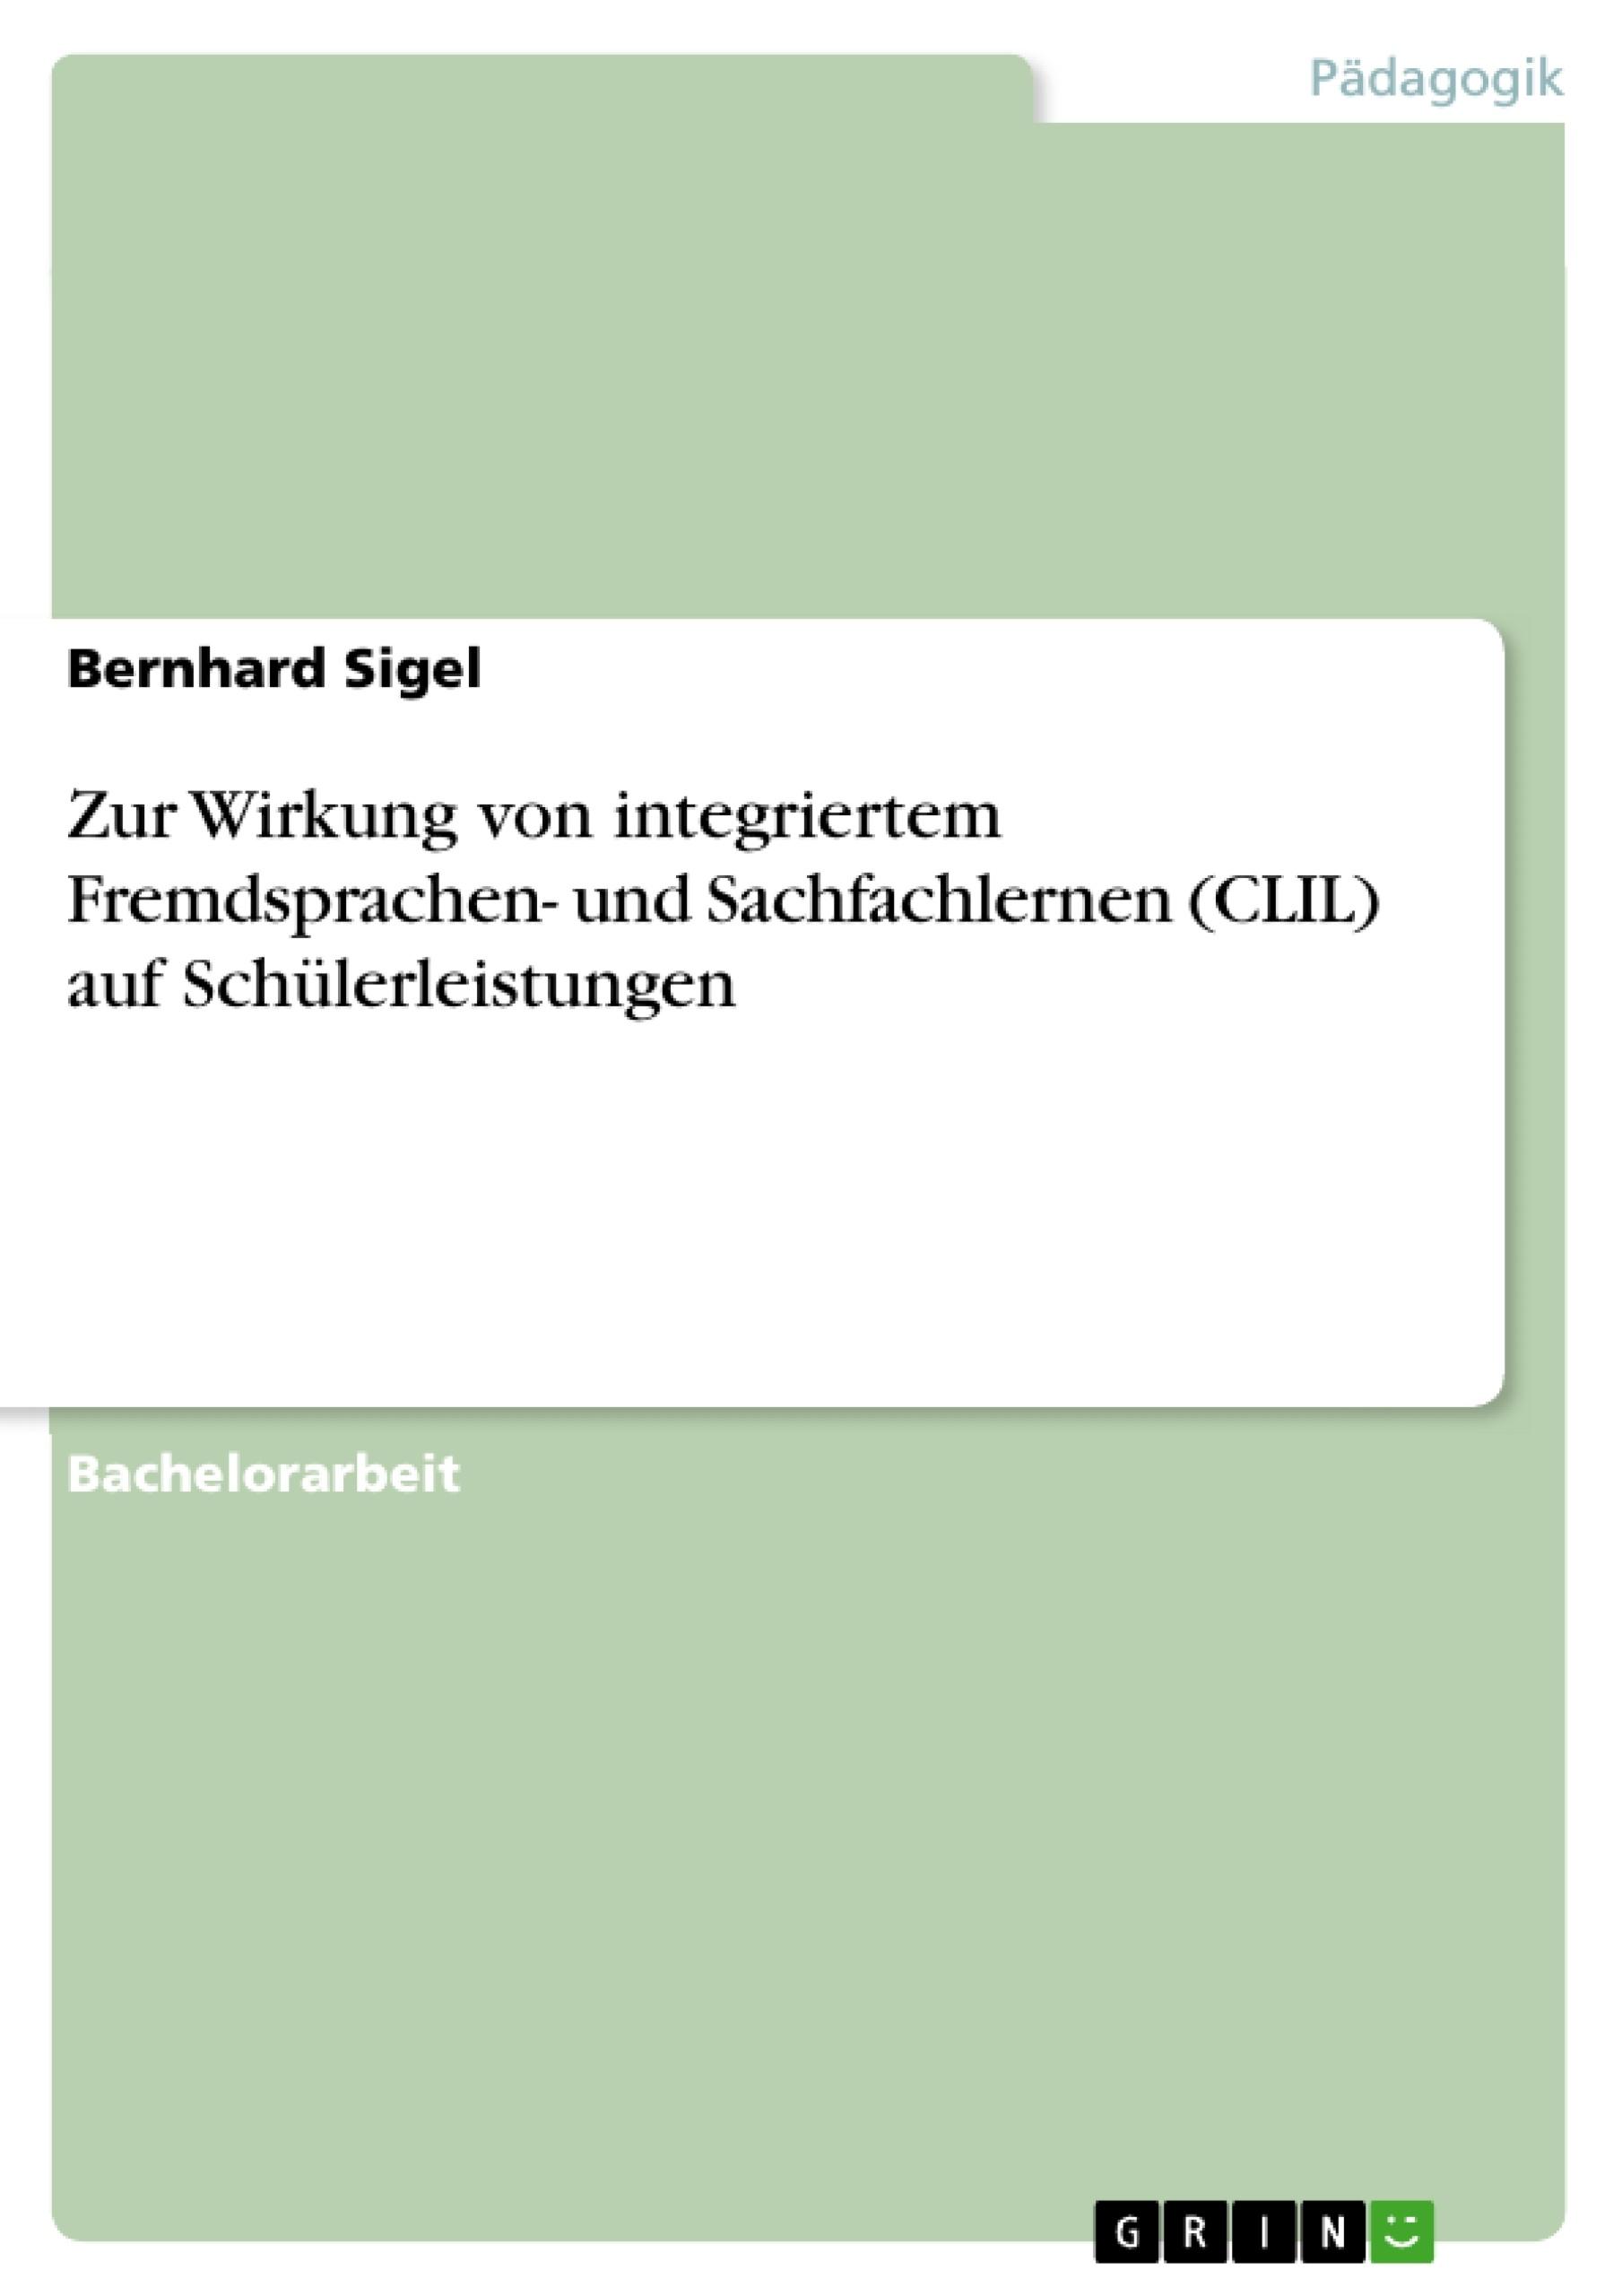 Titel: Zur Wirkung von integriertem Fremdsprachen- und Sachfachlernen (CLIL) auf Schülerleistungen